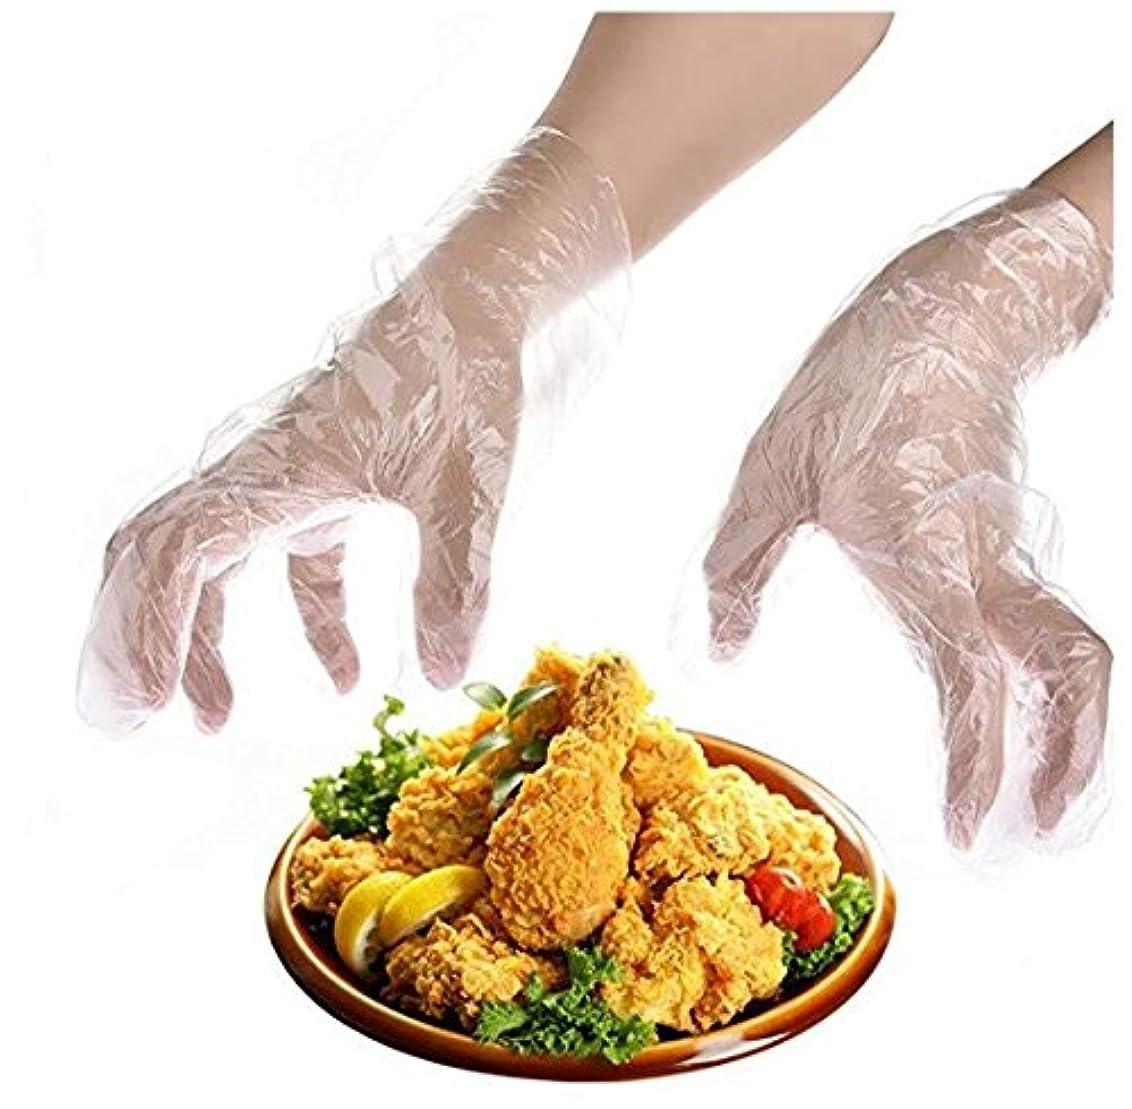 はっきりしない早くヨーロッパHeyuni.使い捨て手袋 極薄ビニール手袋 ポリエチレン 透明 実用 衛生 100枚